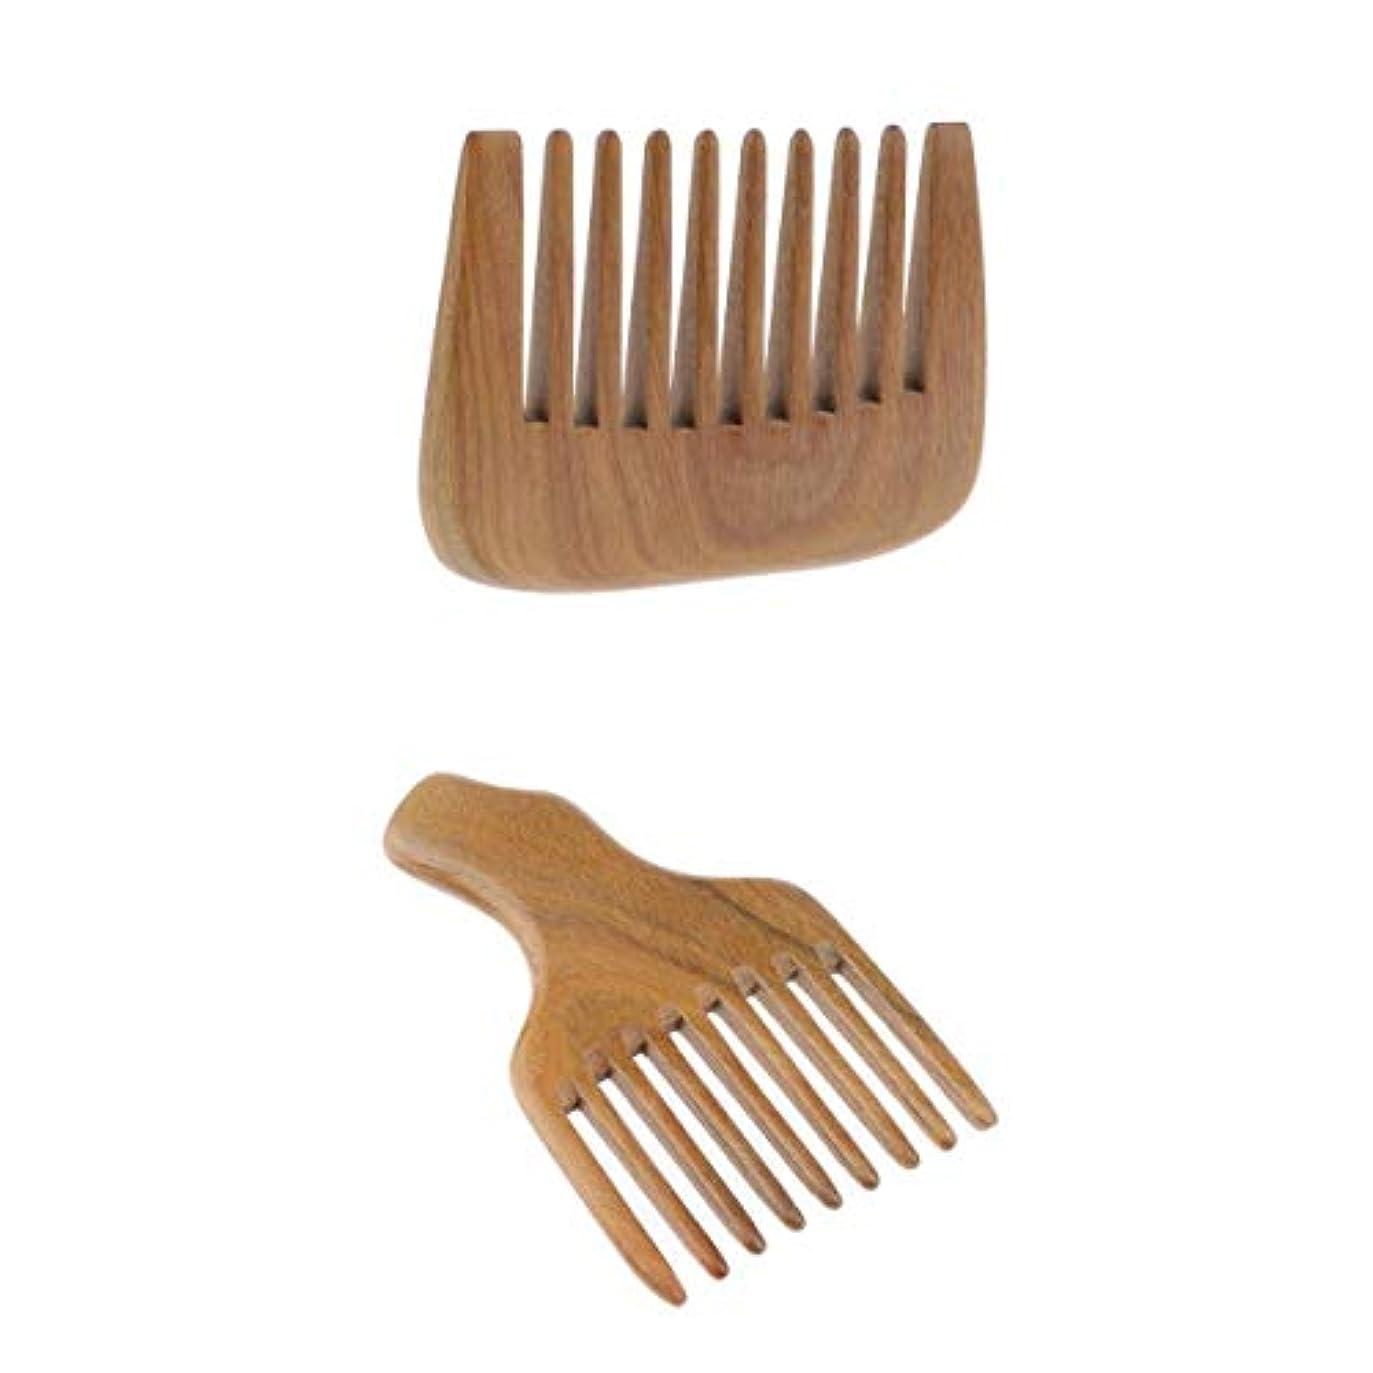 準拠ピンク増幅器2個 ウッドコーム 歯櫛 ヘアブラシ アンチスタティック グリーン サンダルウッド 木製櫛 静電防止